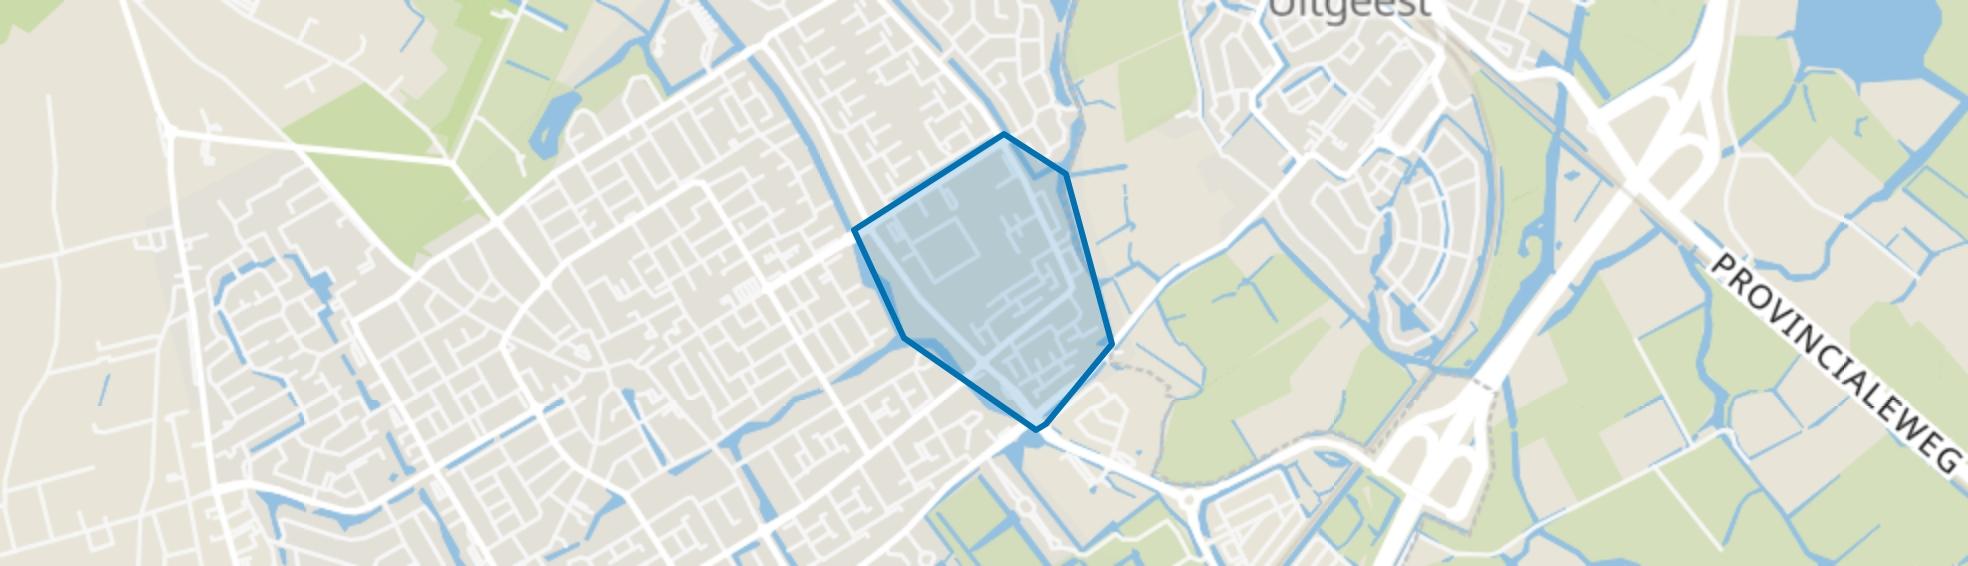 De Die, Heemskerk map